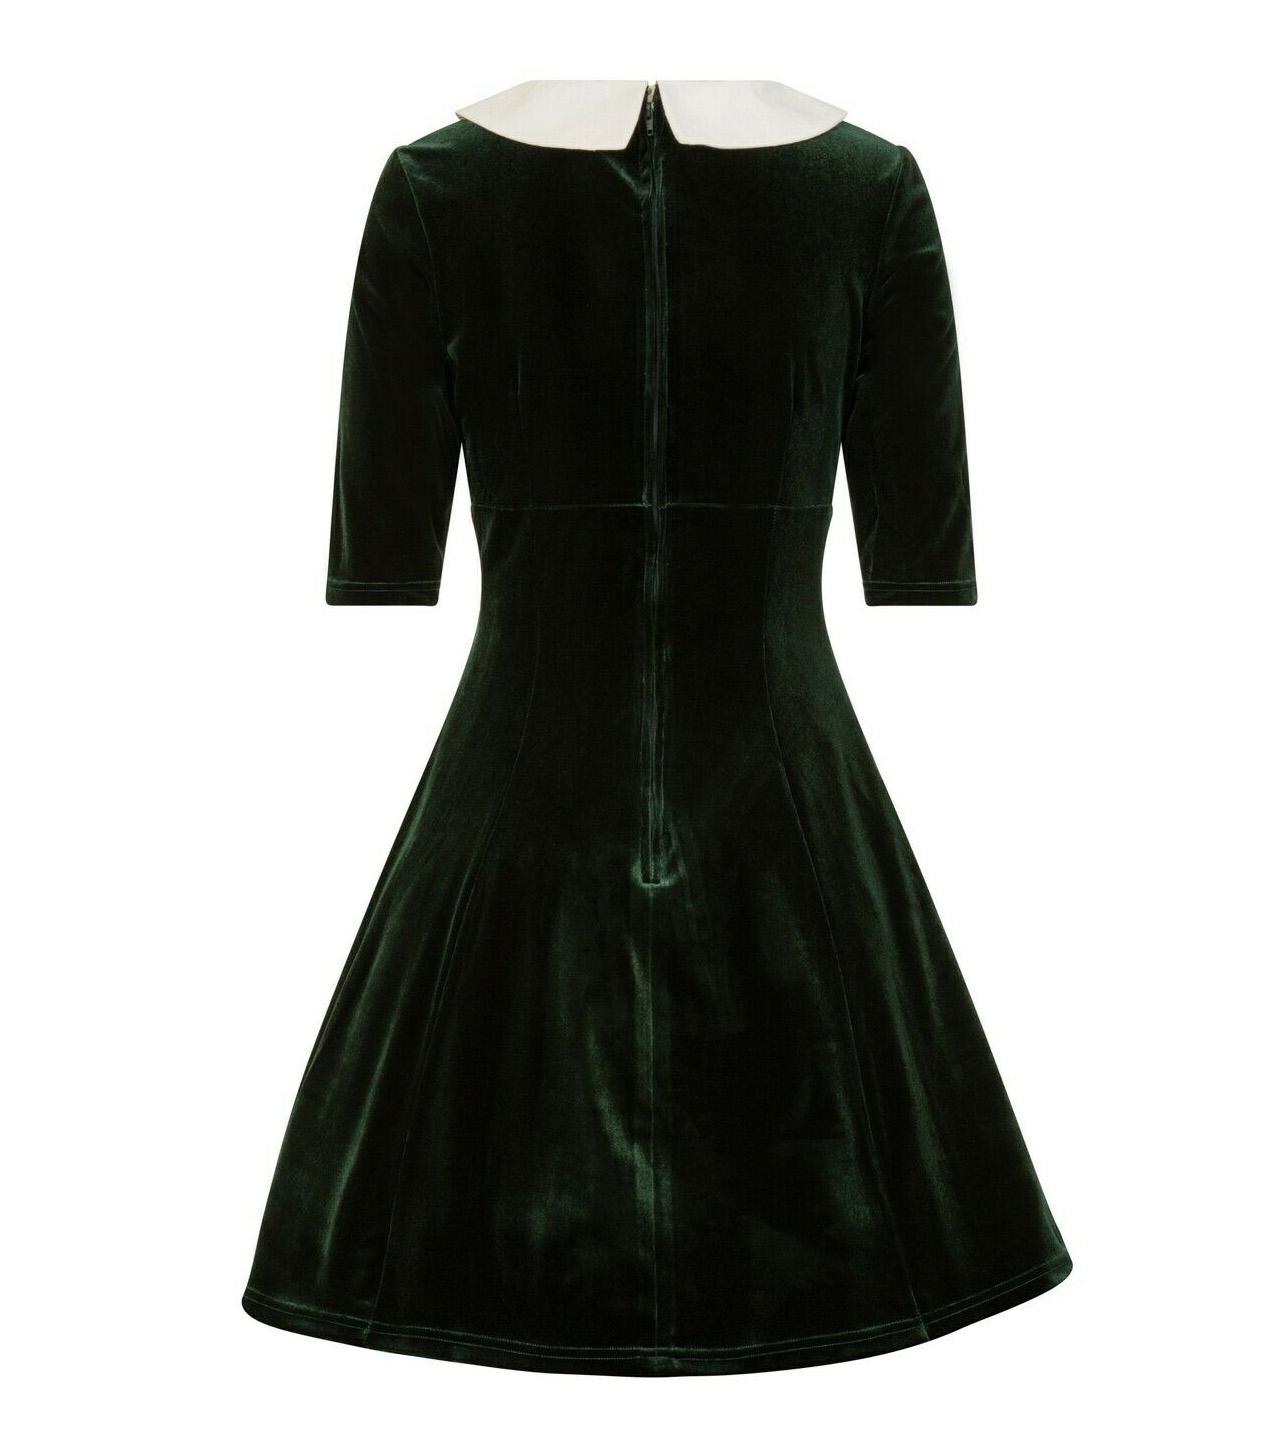 Hell-Bunny-Mini-Skater-Dress-Festive-Christmas-NICOLA-Green-Velvet-All-Sizes thumbnail 17